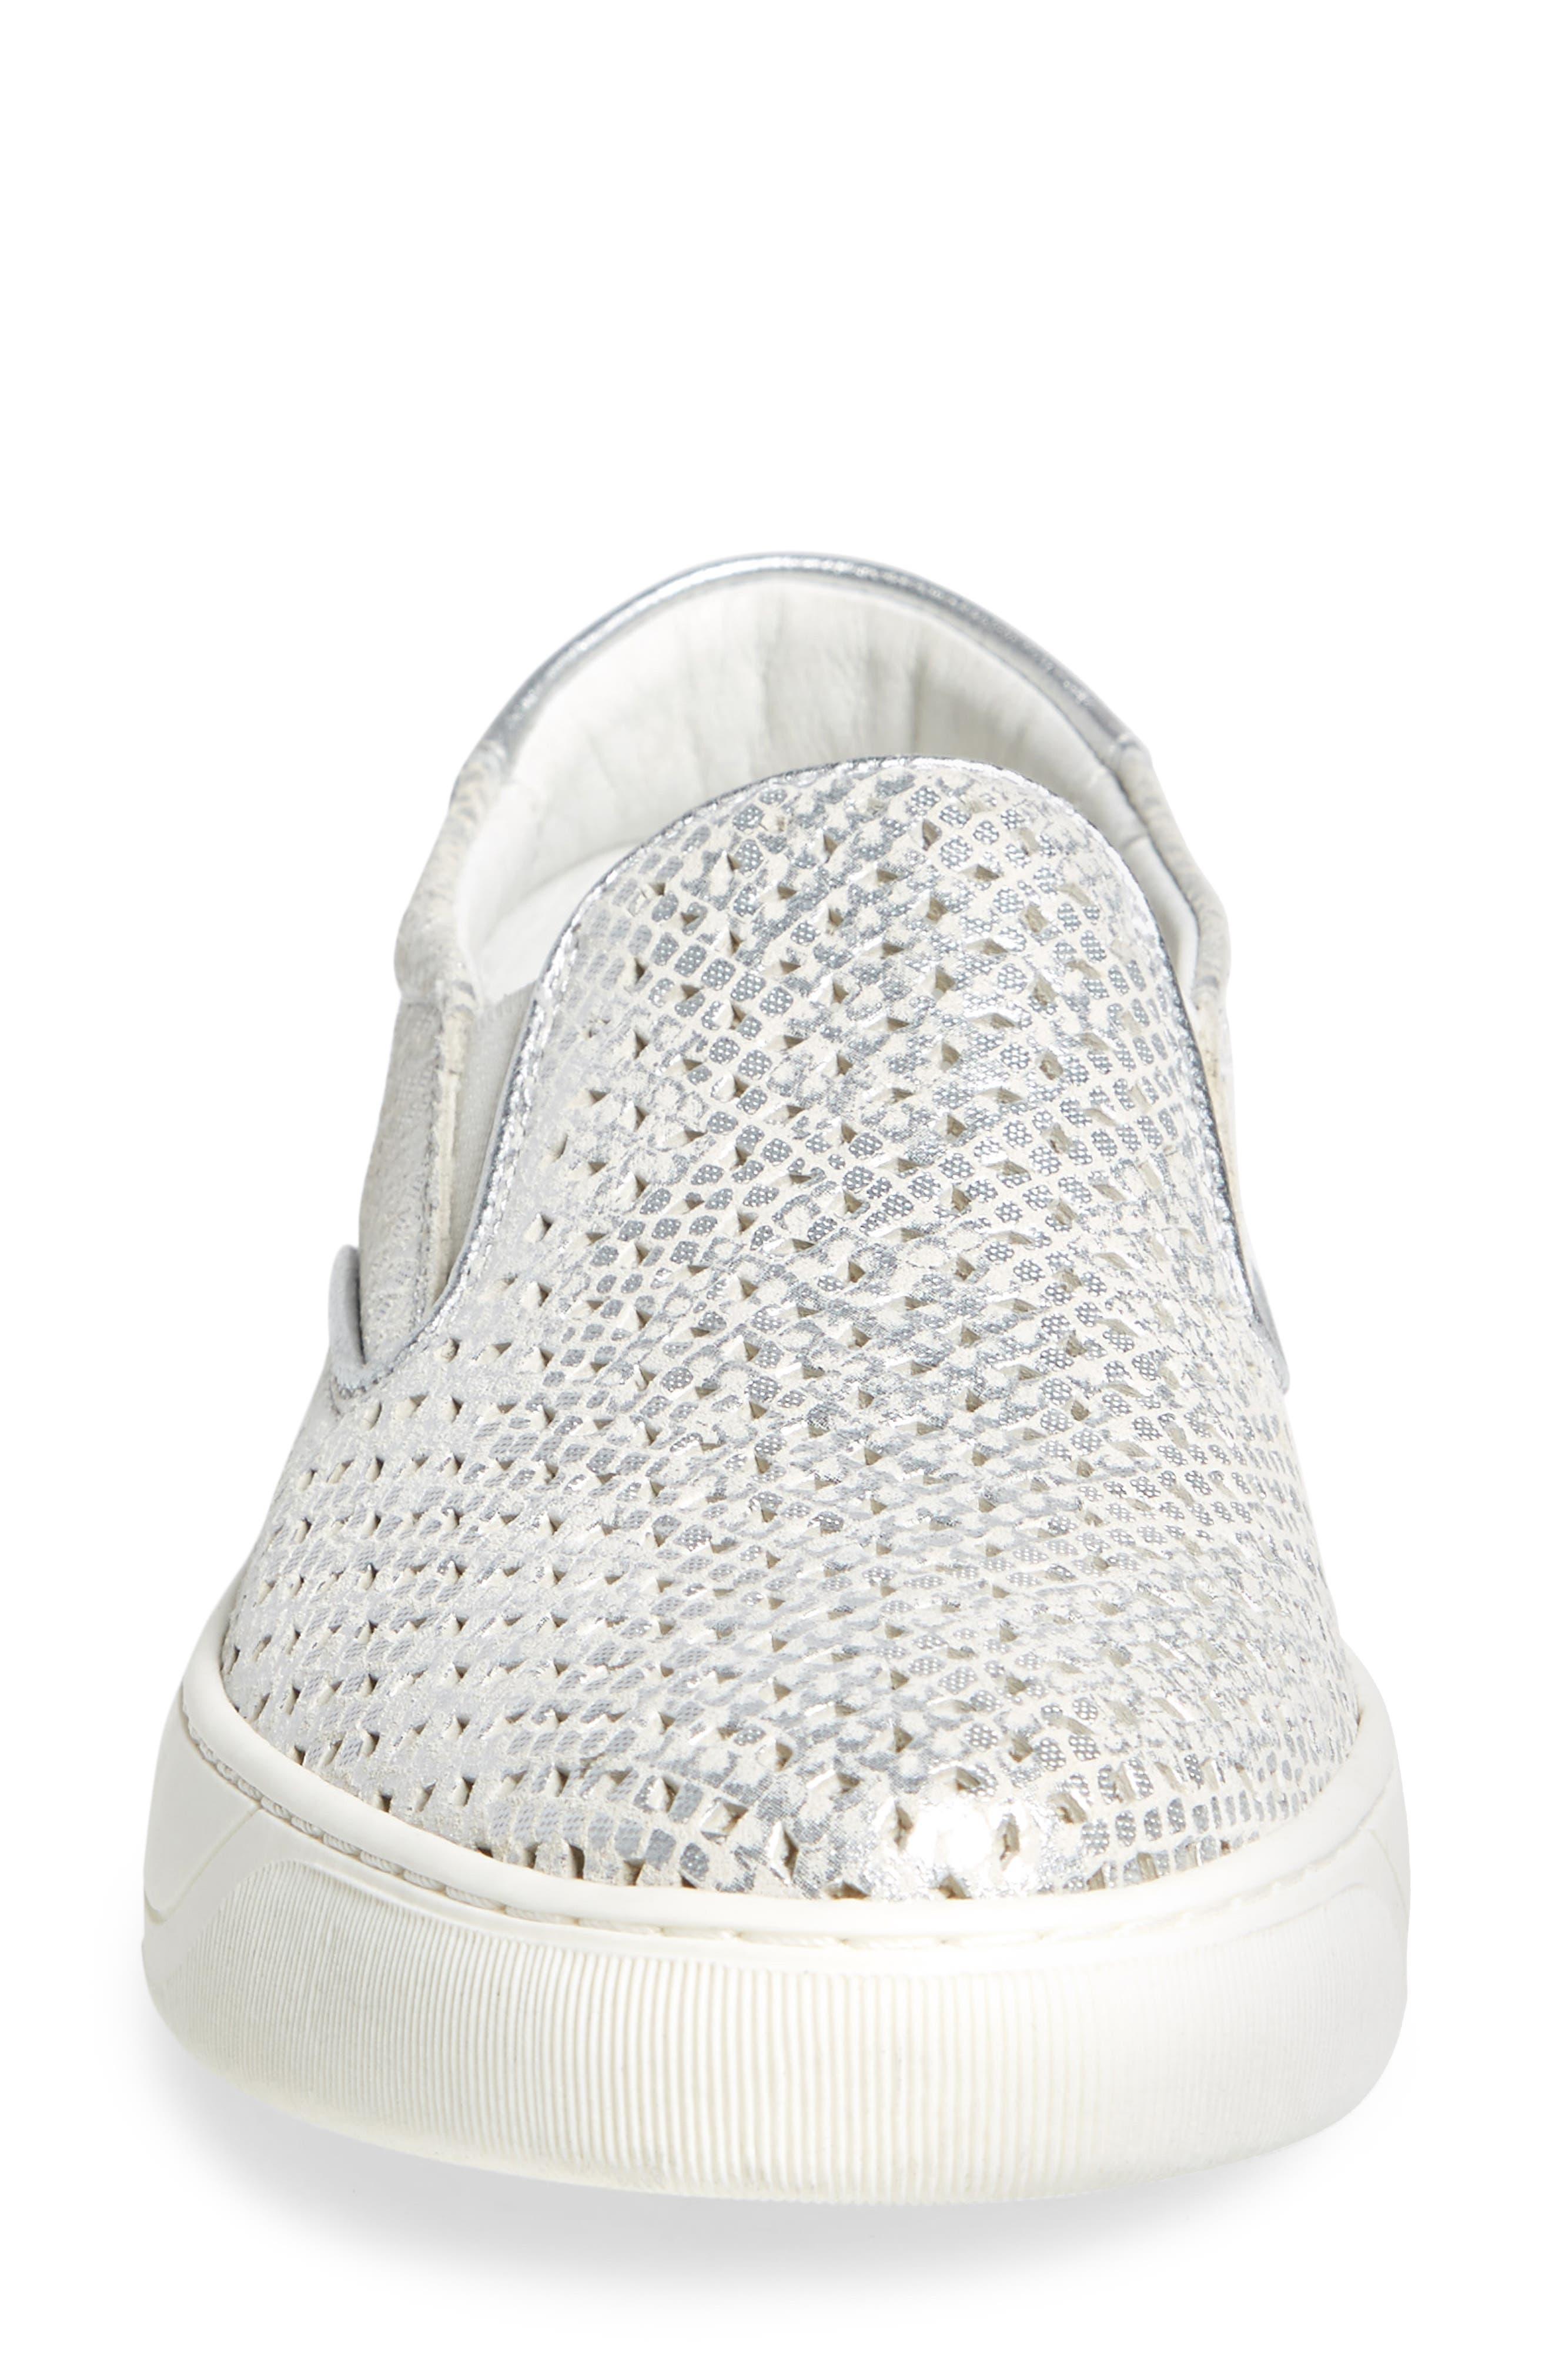 JOHNSTON & MURPHY, Elaine Slip-On Sneaker, Alternate thumbnail 4, color, SILVER SNAKE PRINT LEATHER